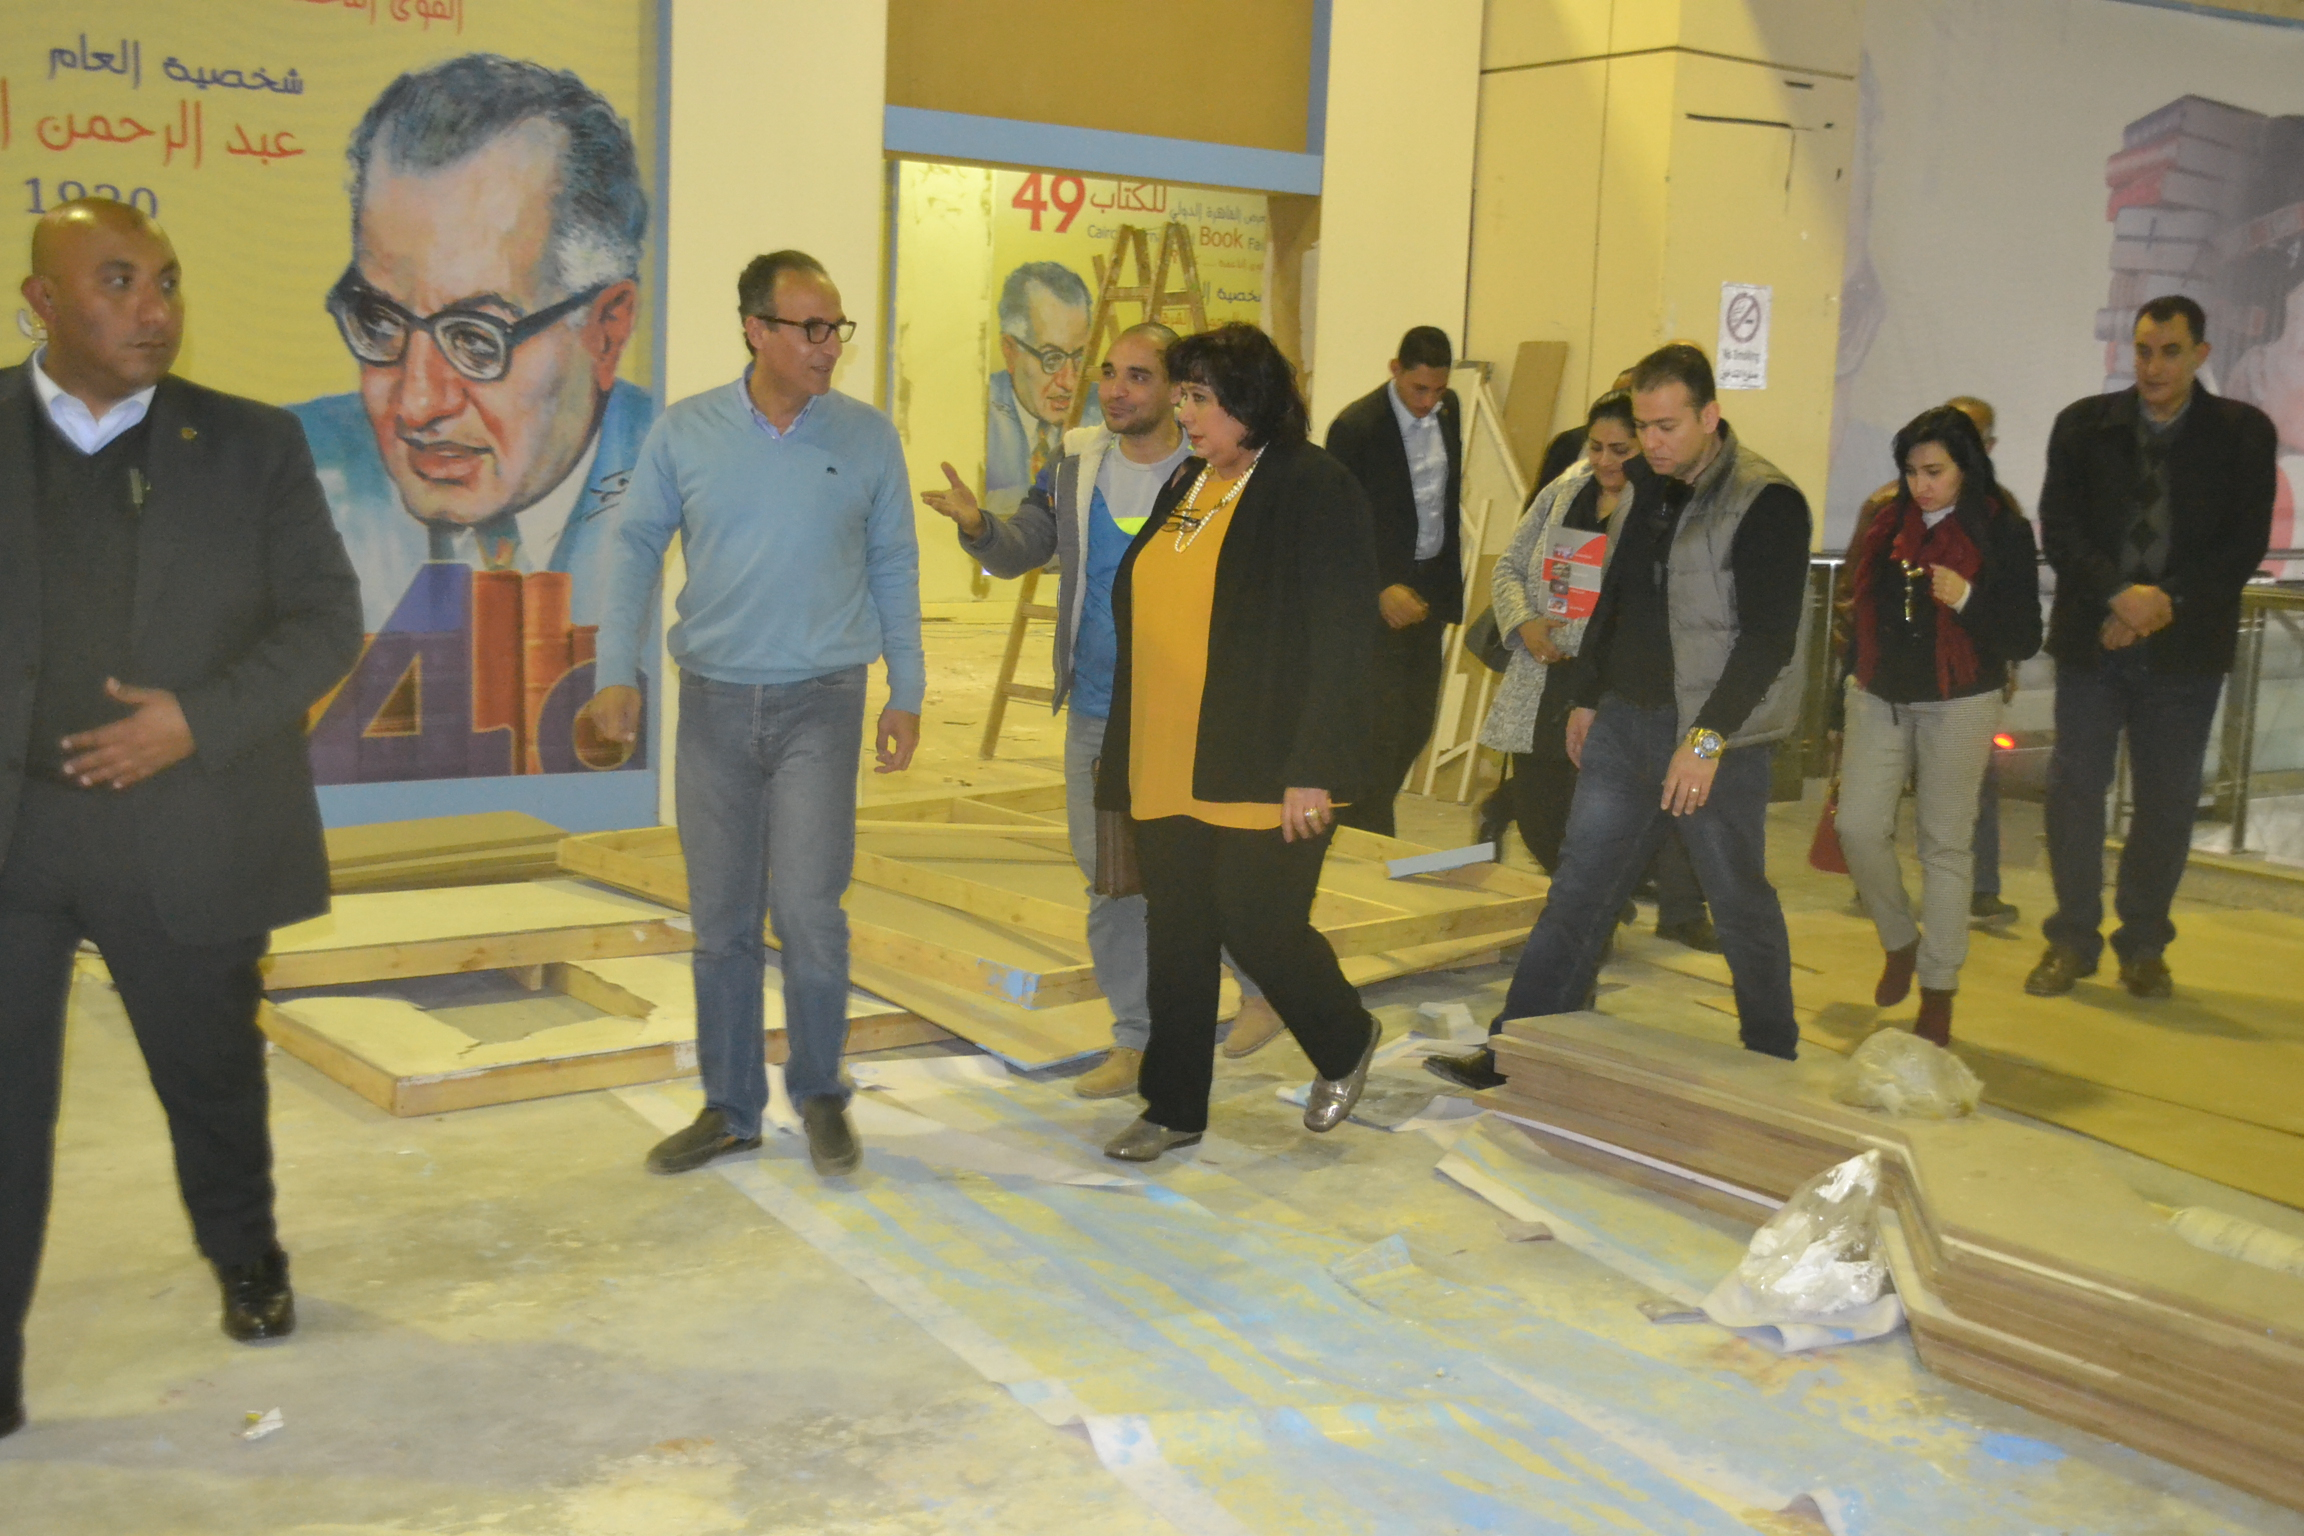 د.إيناس عبد الدايم تتفقد استعدادات المعرض بمصاحبة د.هيثم الحاج على 15